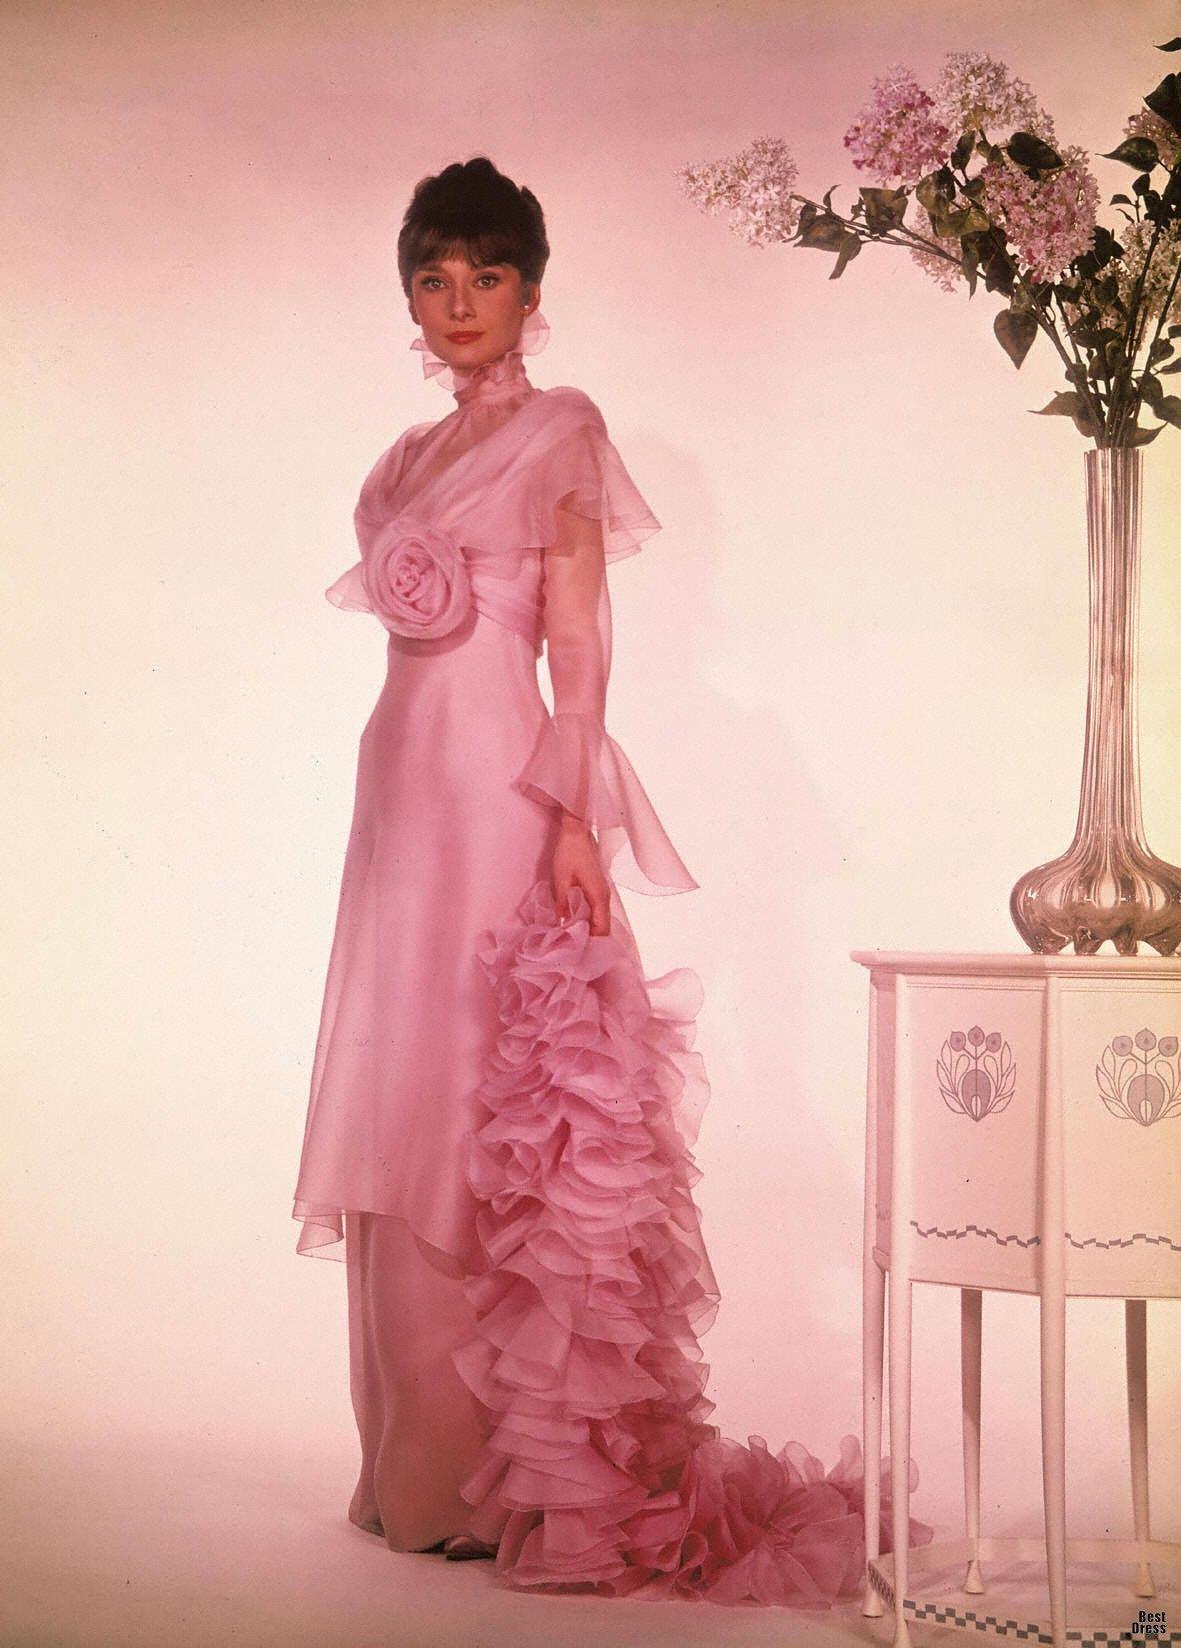 50 Years Ago... My Fair Lady On Screen | D.E. Ireland | Audry ...